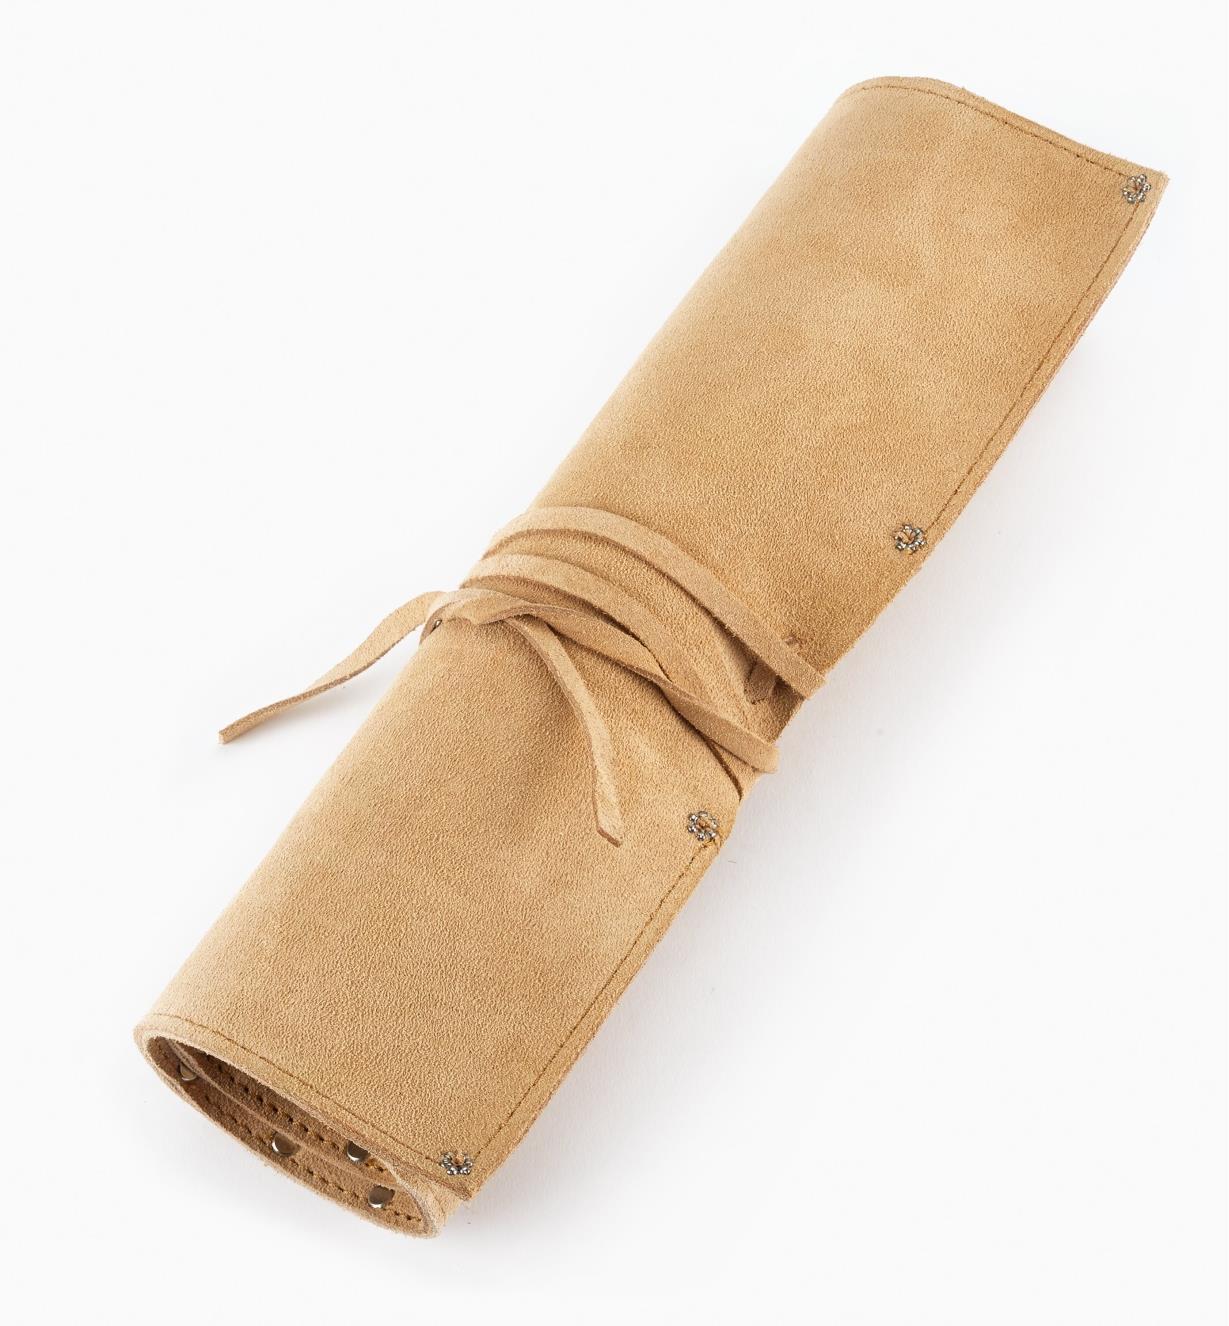 68K4031 - 17-Pocket Roll